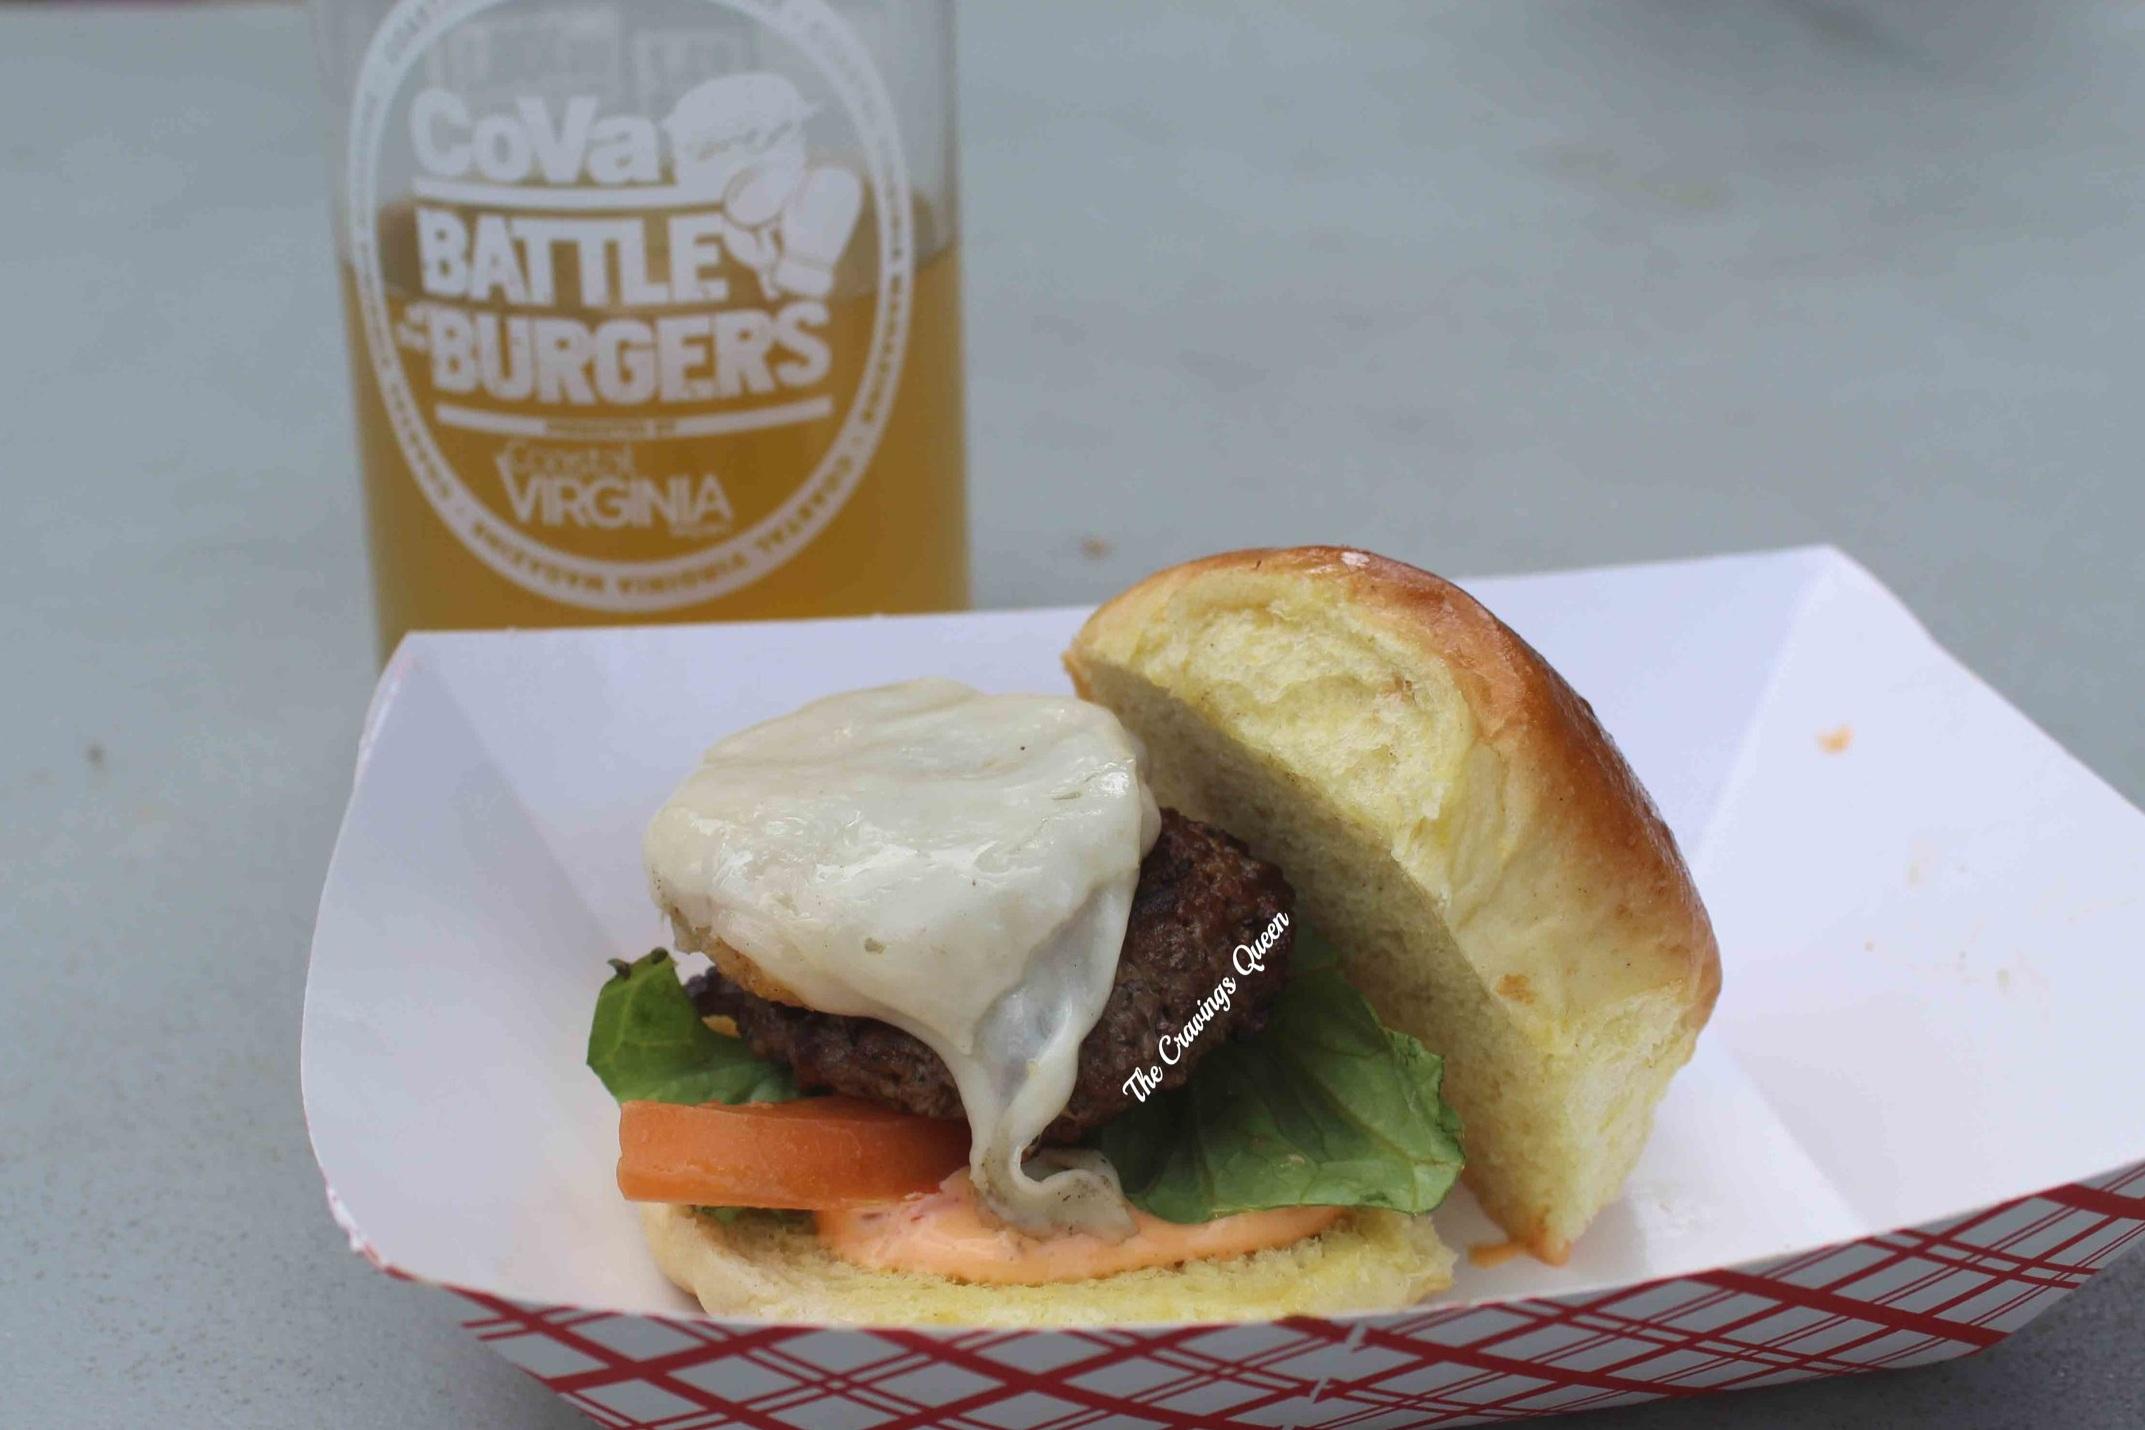 Stillwater Tavern - The Stillwater Crab Burger